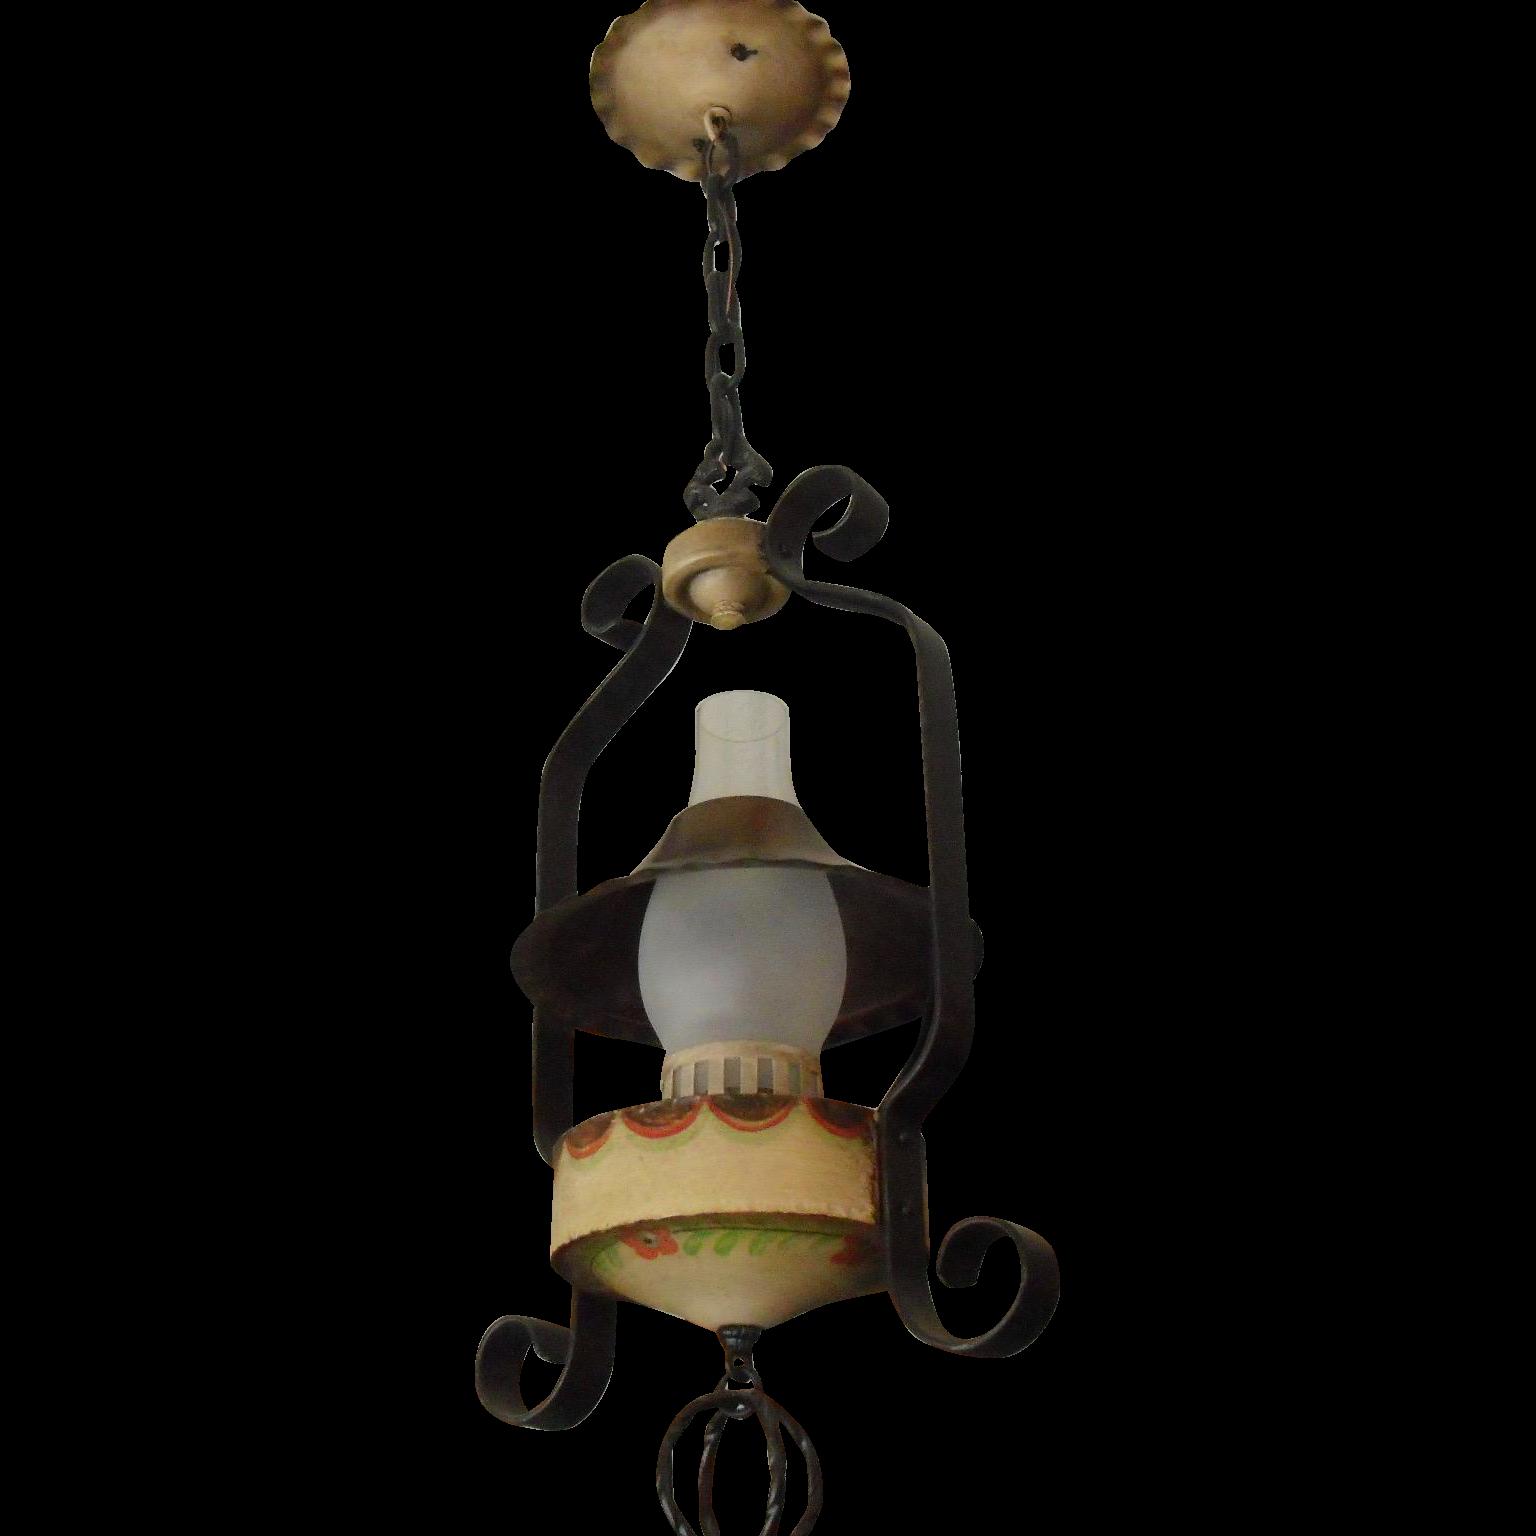 Monterey Style Iron Lantern Pendant Light - 2 available